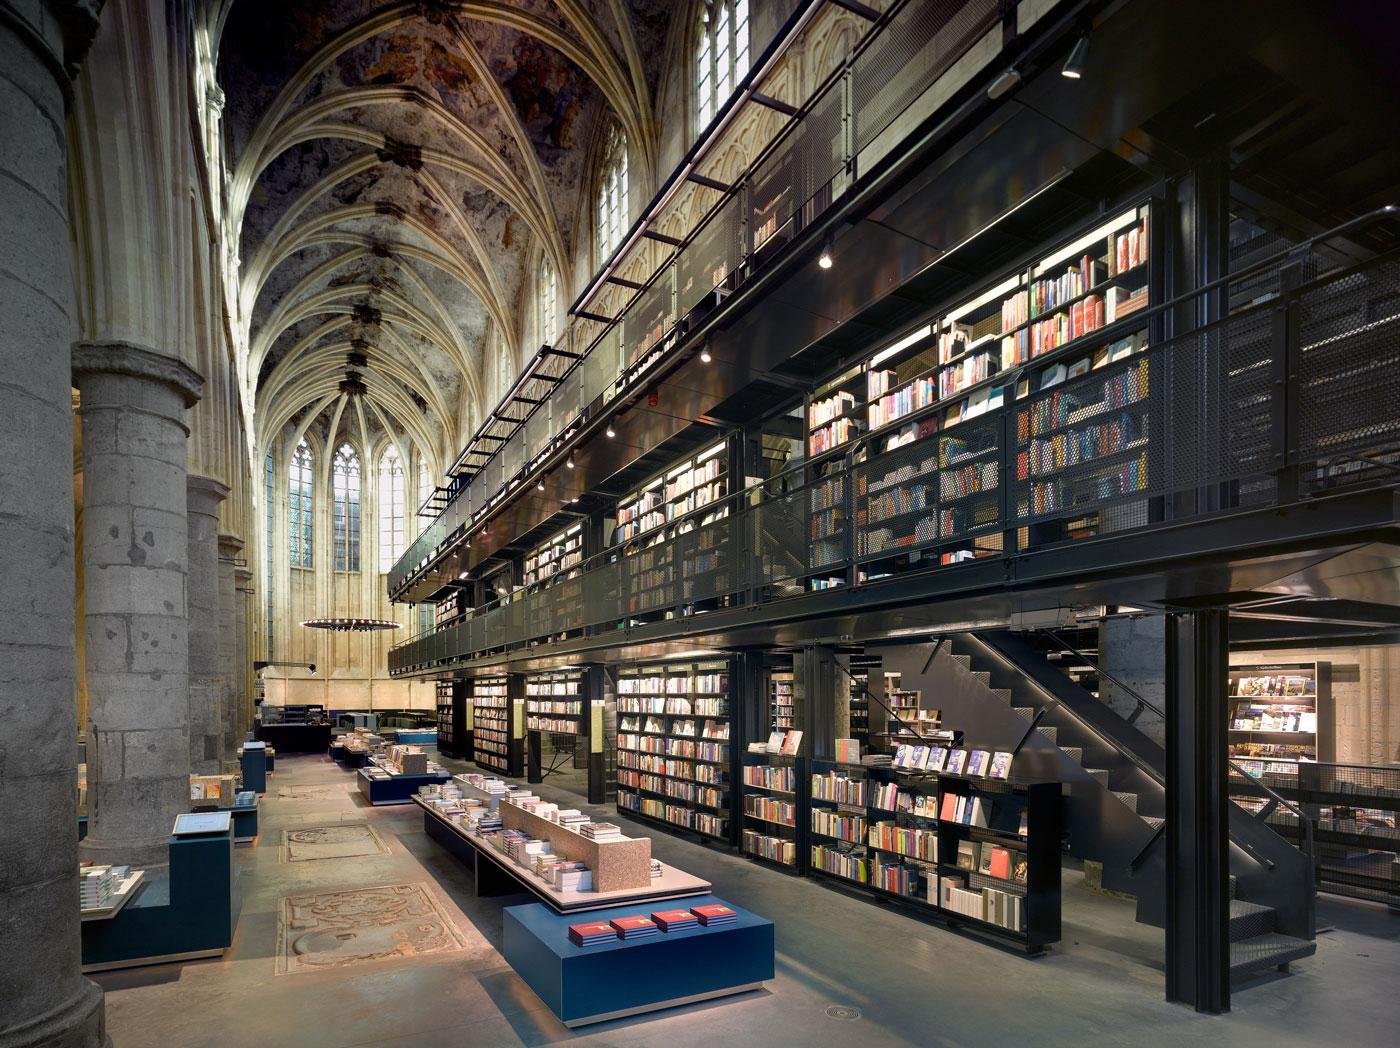 фотографии лондон самая большая библиотека в мире фото когда-то всех бывших